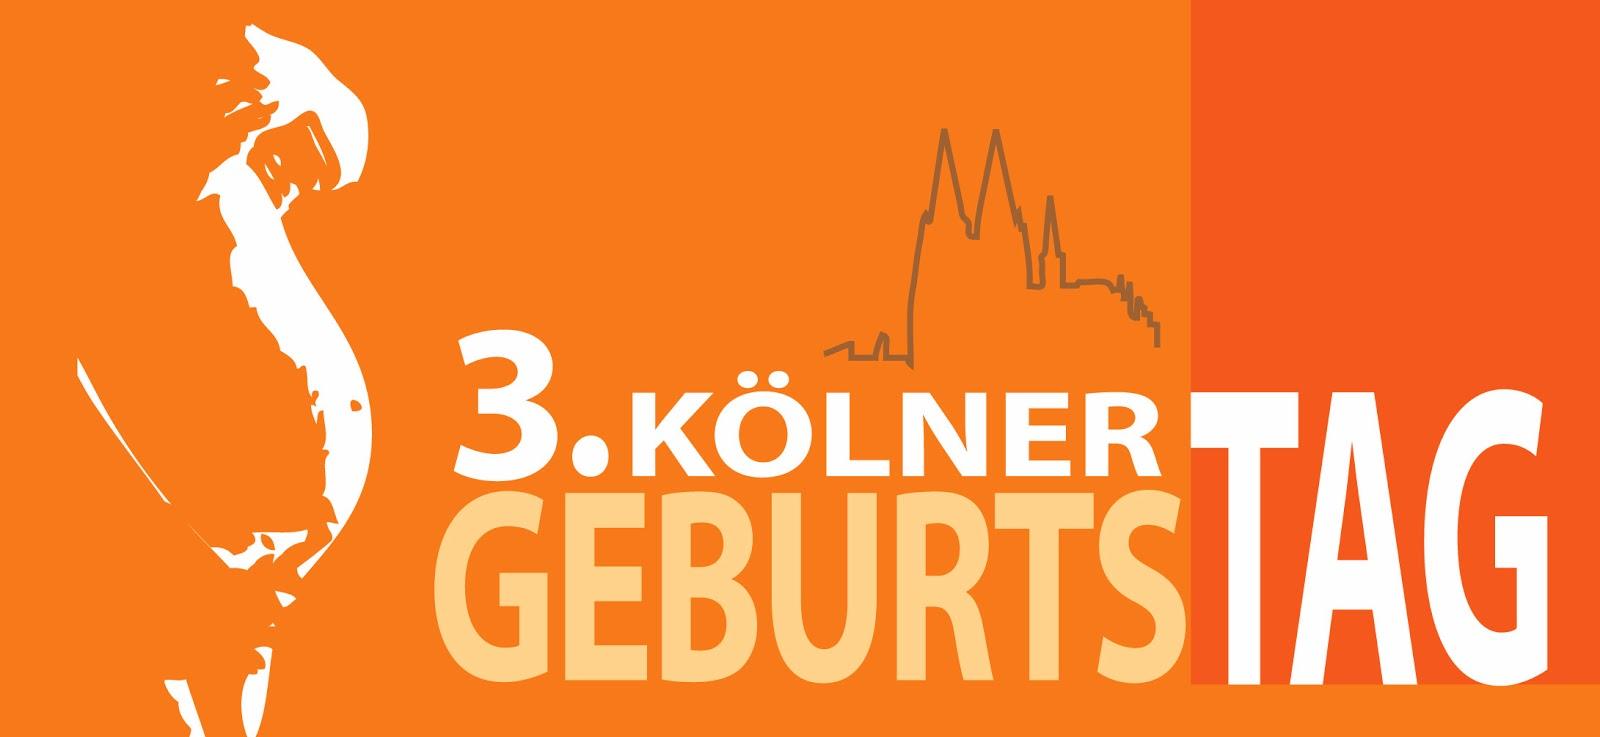 www.koelner-geburts-tag.de